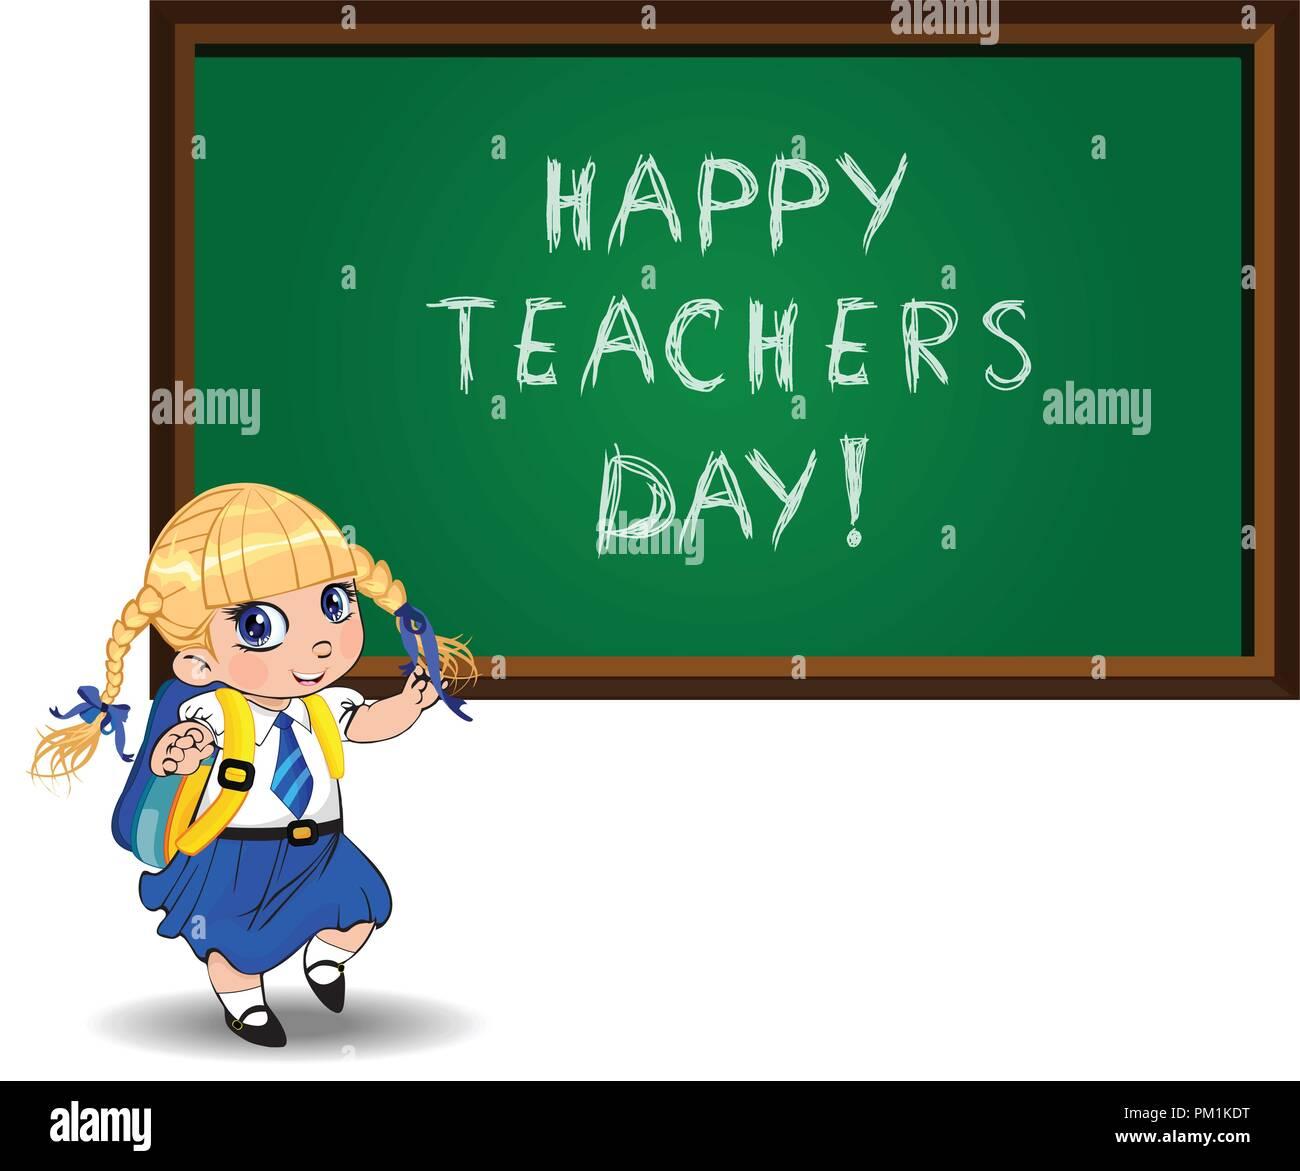 Urlaub Feier festlich Clipart von Cartoon boy Charakter für Happy Birthday,  zurück in die Schule, Lehrer, Großeltern-Tag Karte. Vektor illustra  Stock-Vektorgrafik - Alamy